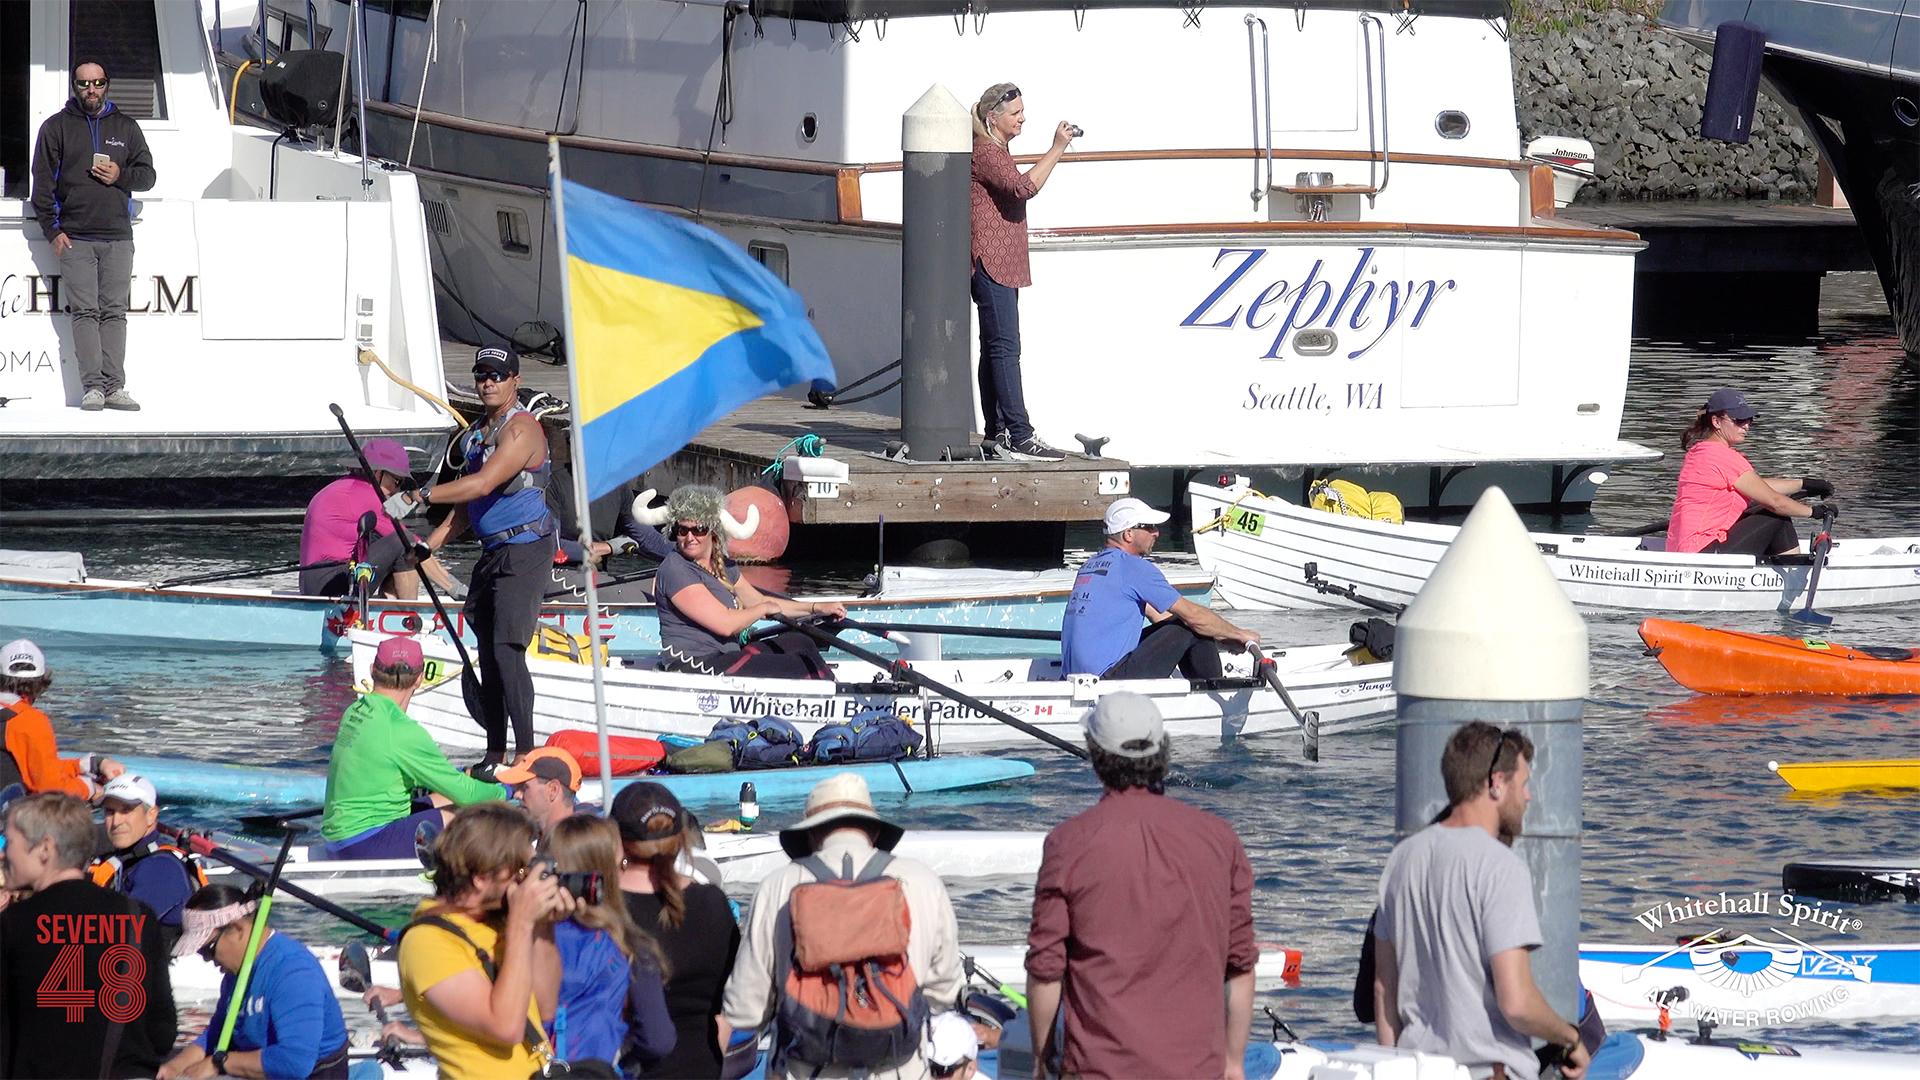 Seventy48-Race-Tacoma-Port-Townsend-Diana-Lesieur-Peter-Vogel